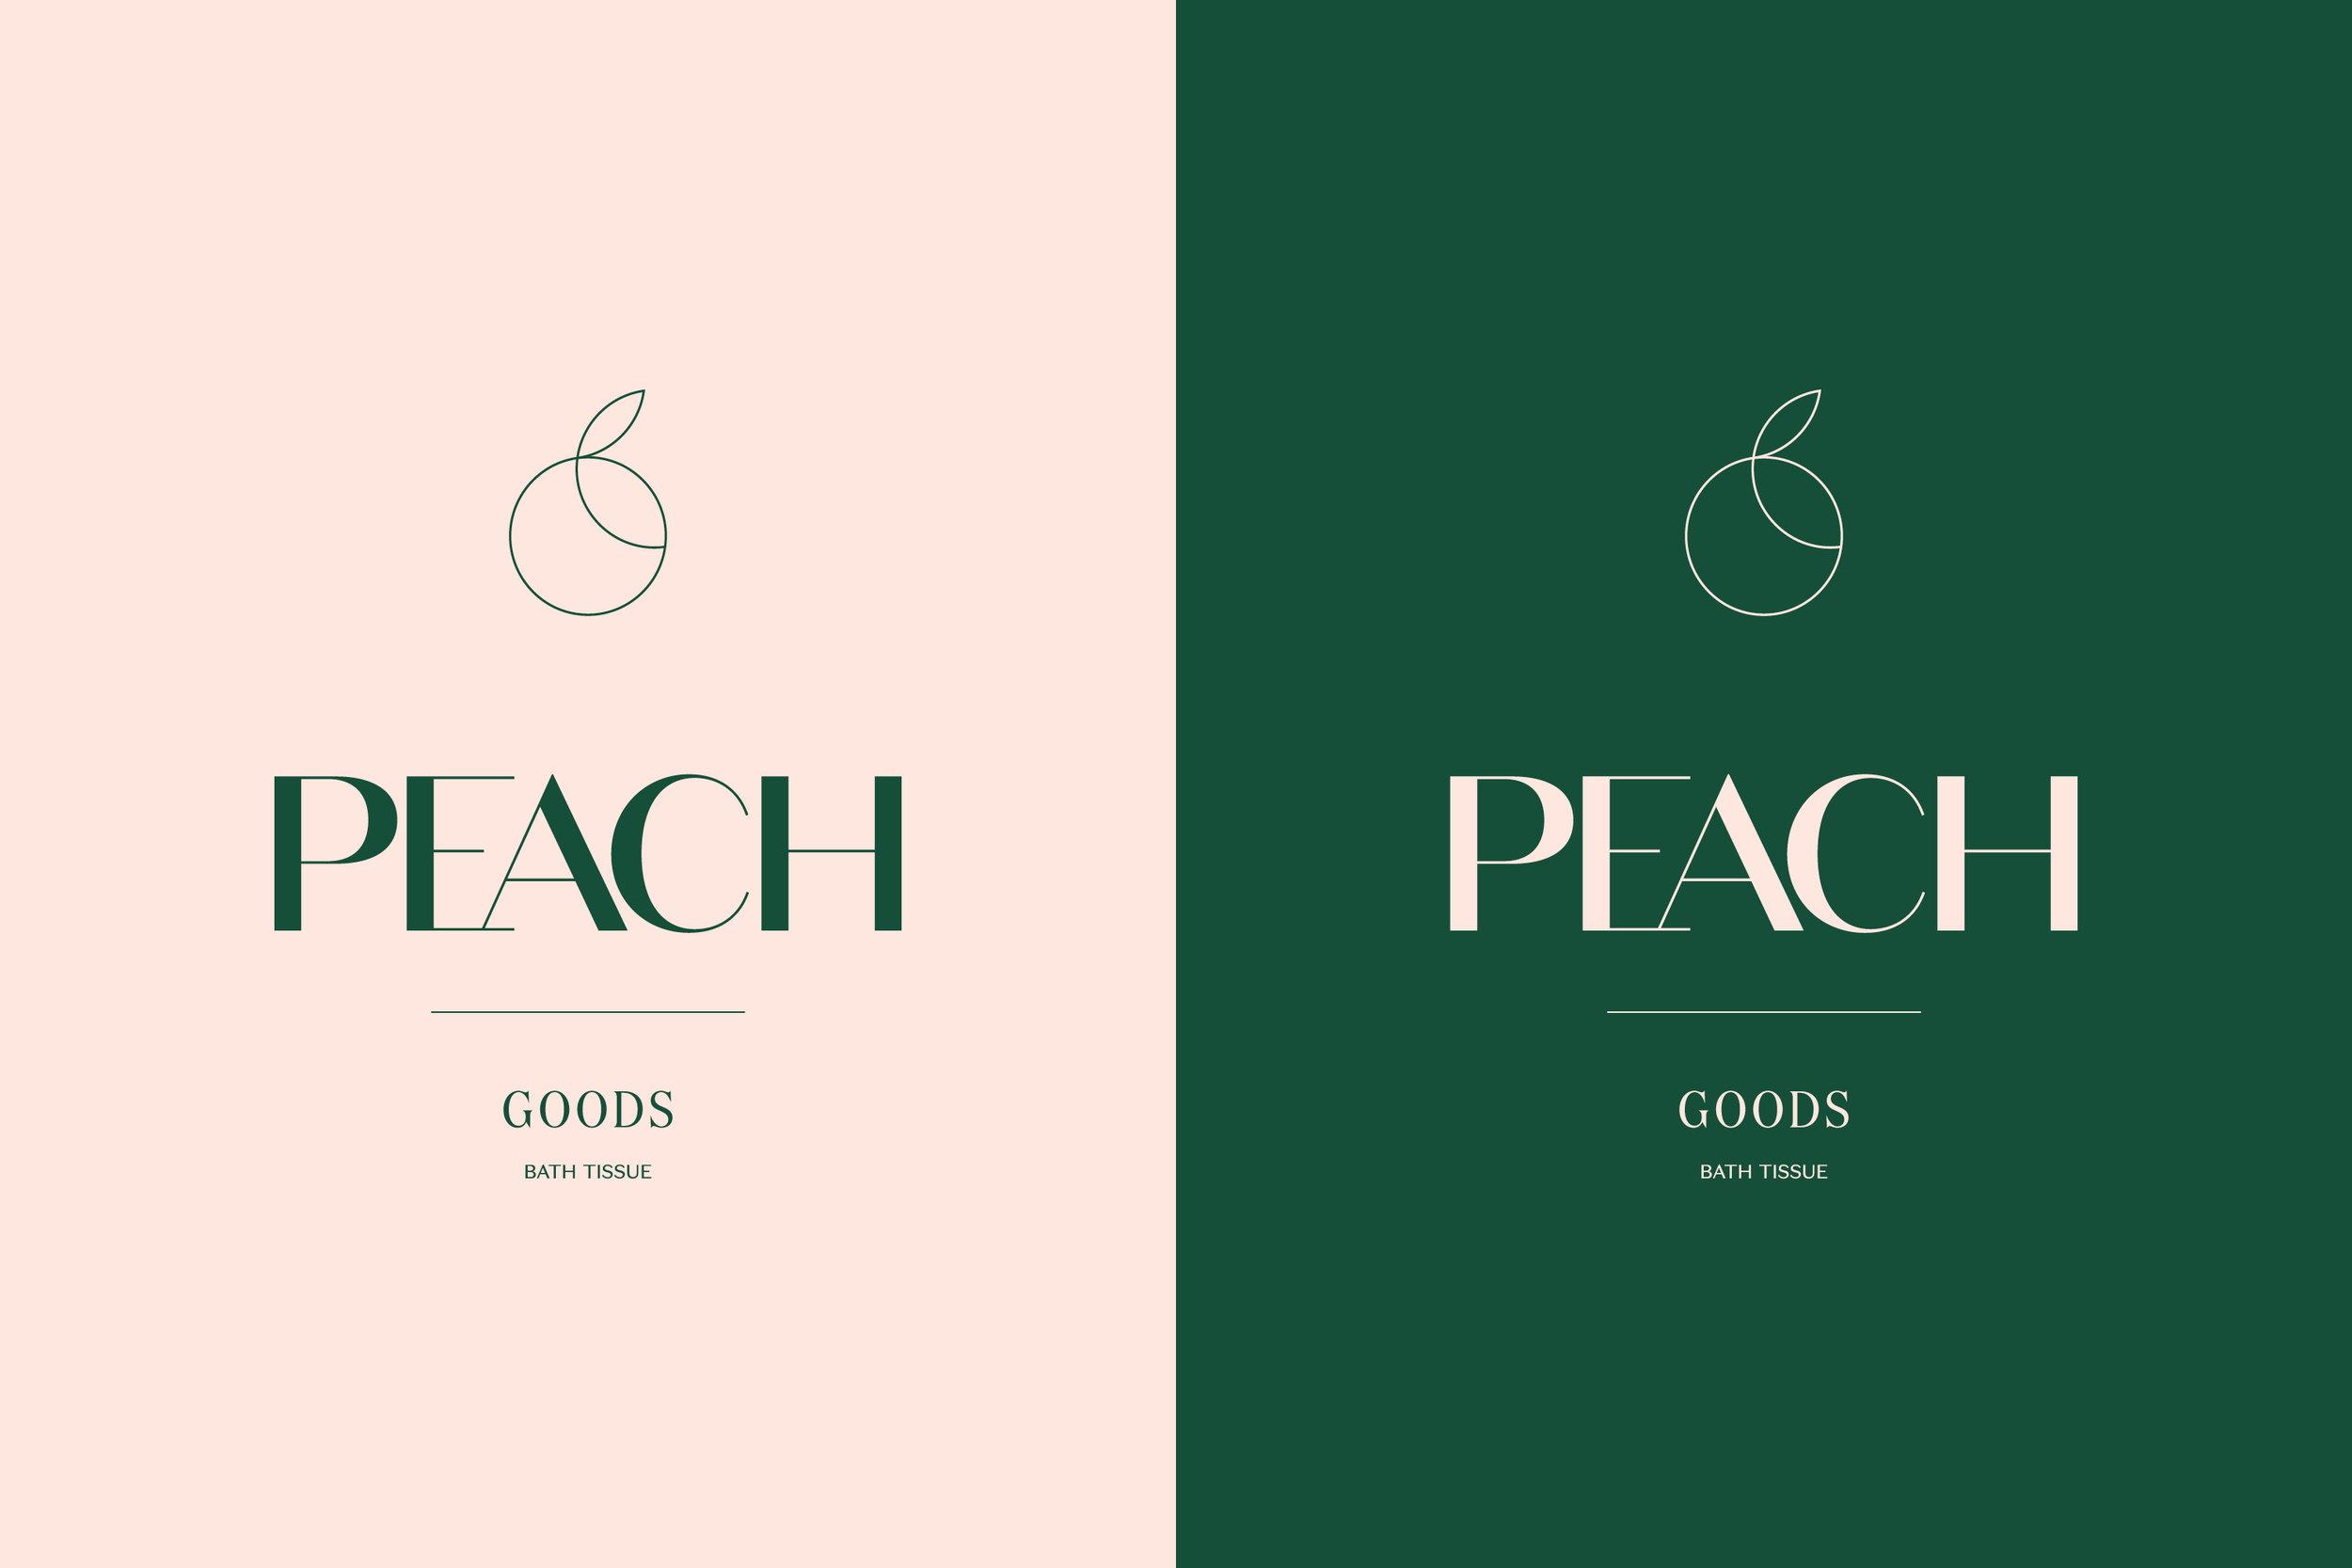 Peach_3000_2000_5.jpg